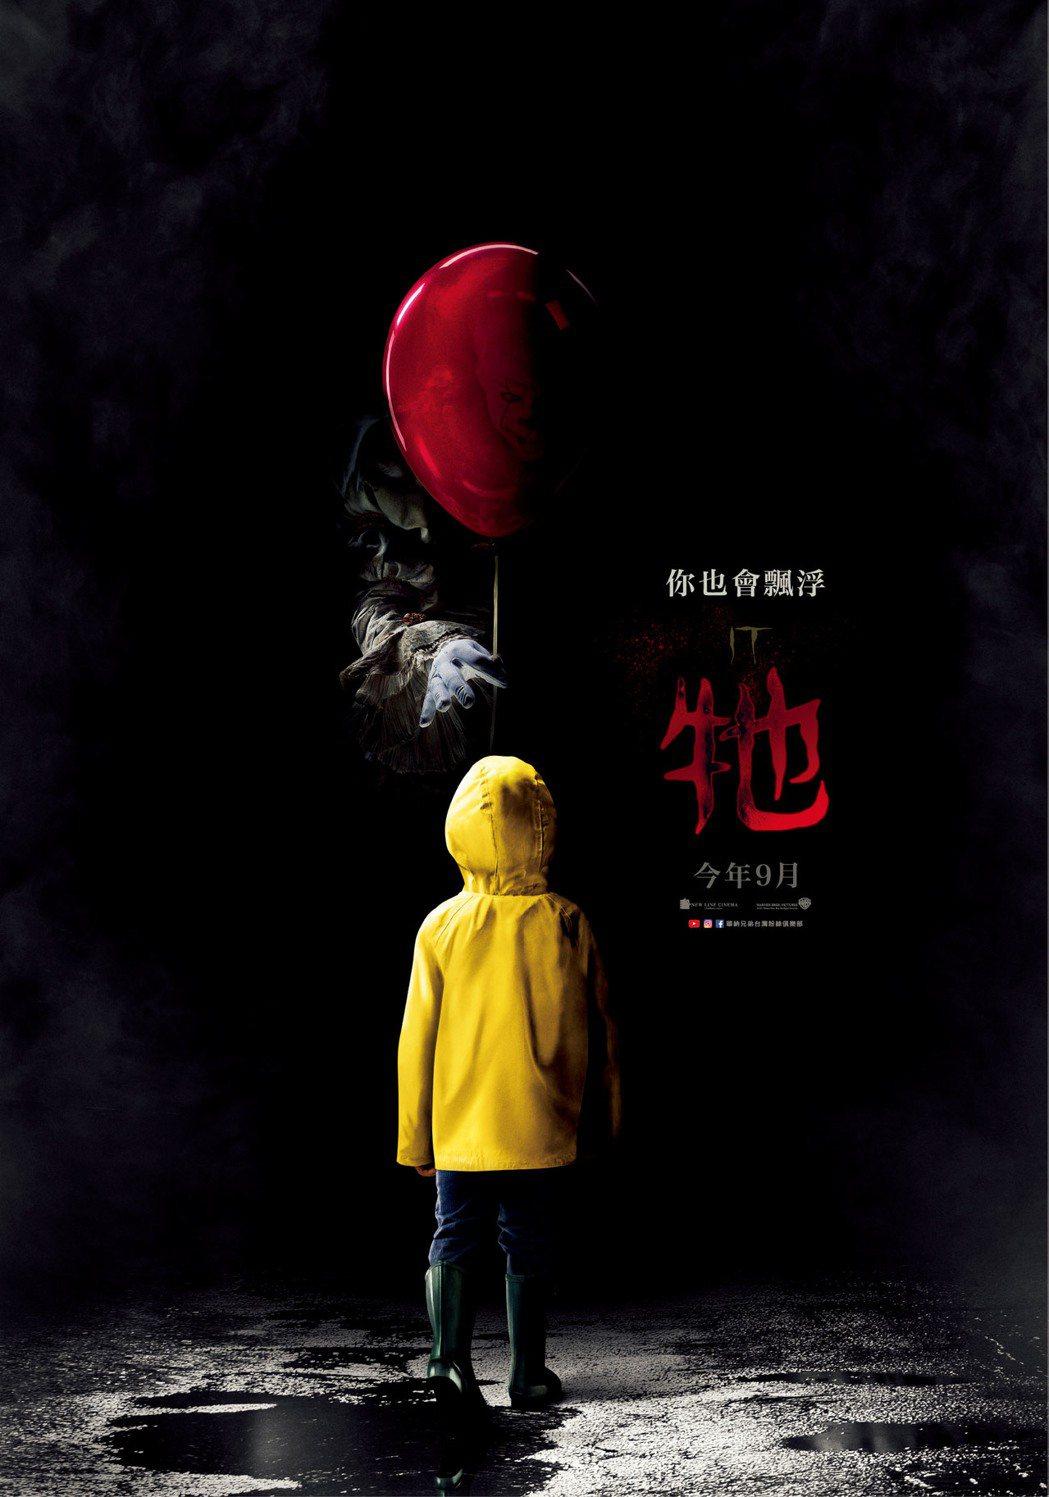 史蒂芬金驚悚作品「牠」改編同名新片,電影預告創下瘋狂點閱紀錄。圖/華納提供